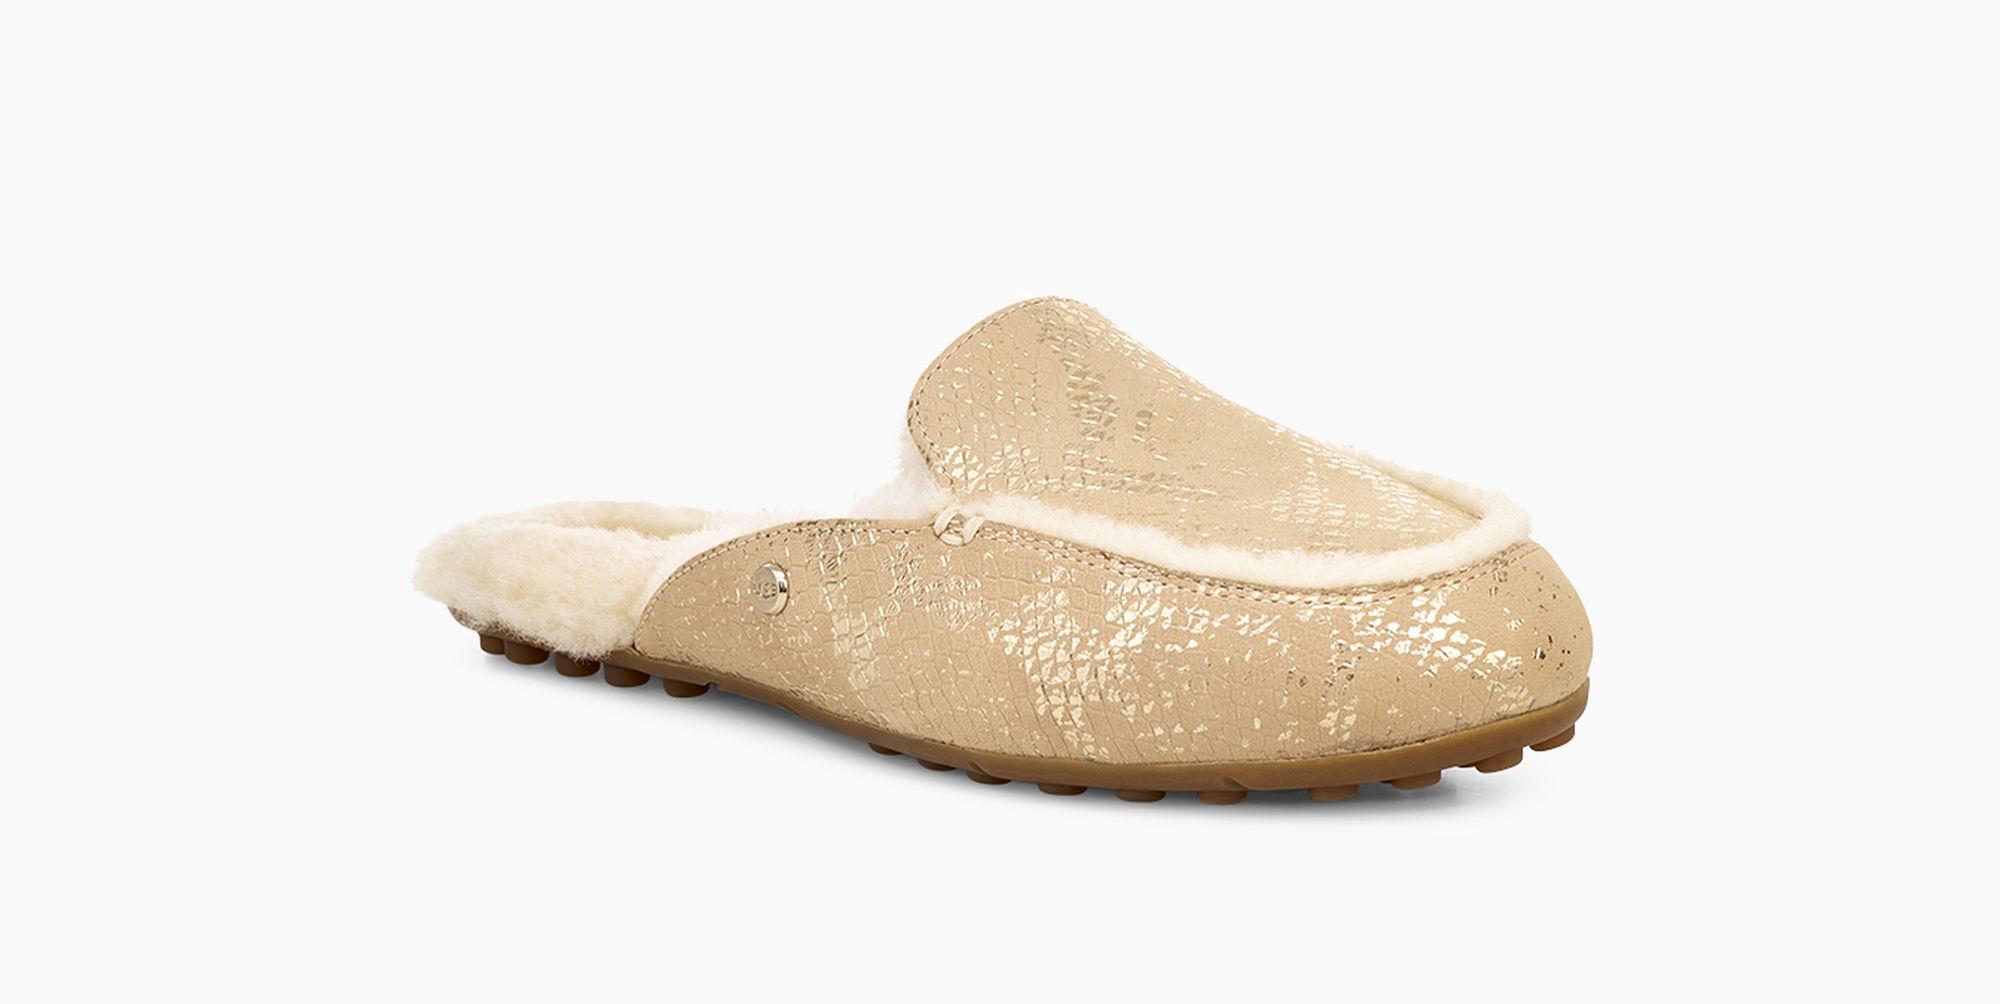 e300da3ba60 Ugg - Women s Lane Metallic Snake Loafer - Lyst. View fullscreen